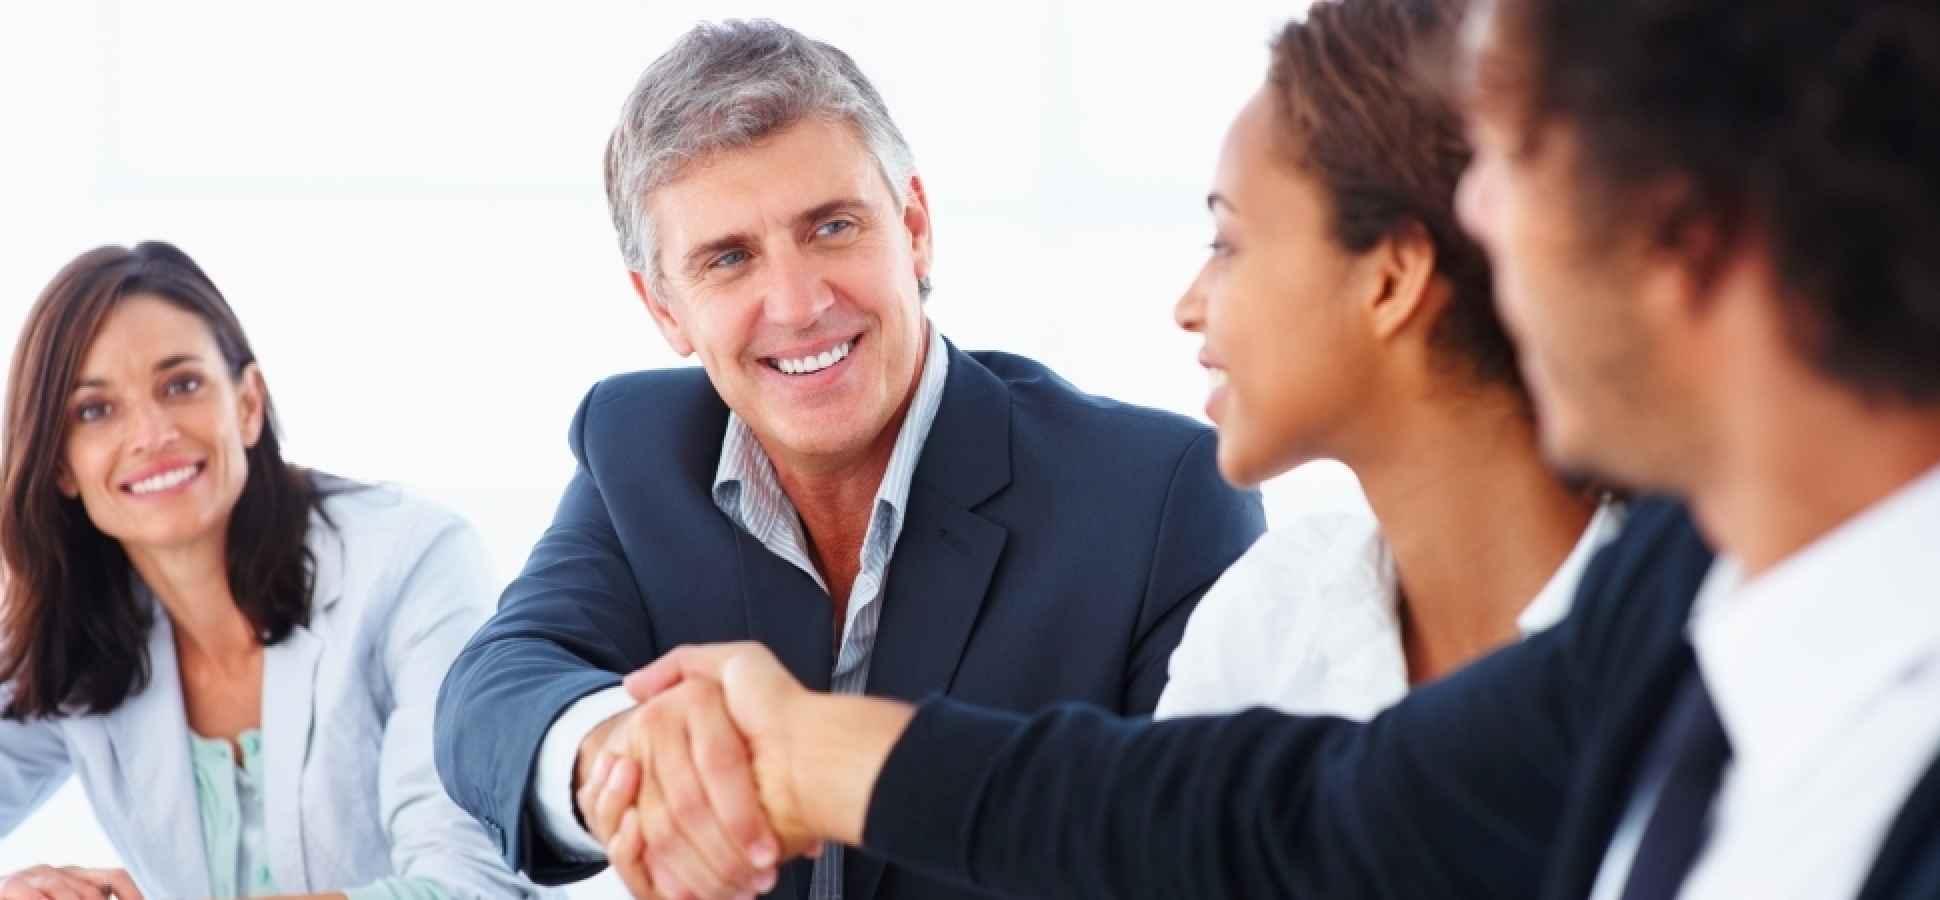 5 Levels of Remarkably Effective Delegation